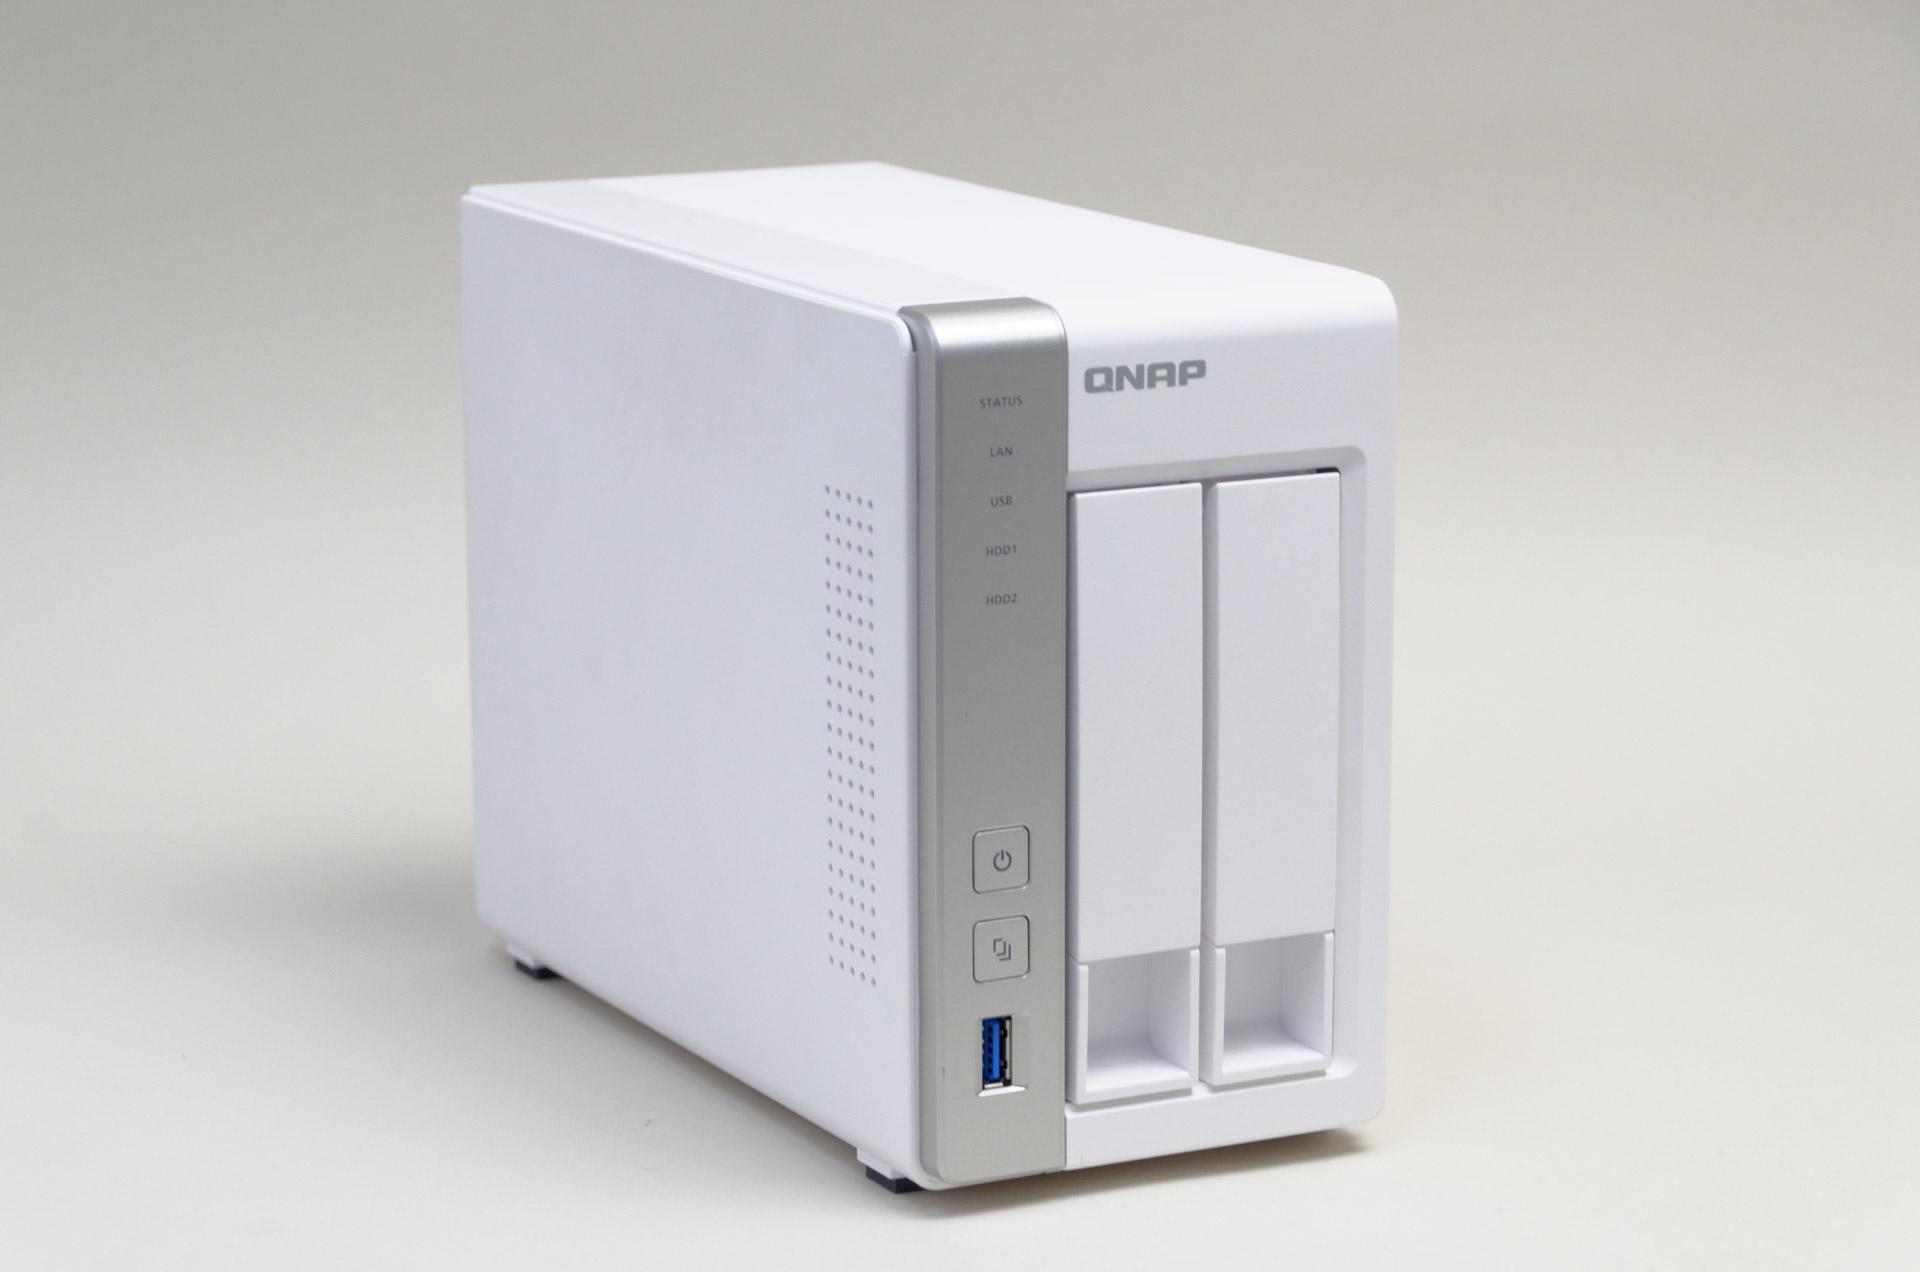 QNAP製NASキットのエントリーモデル「TS-231P」、実売価格も税込23,000~25,000円前後と導入しやすい。